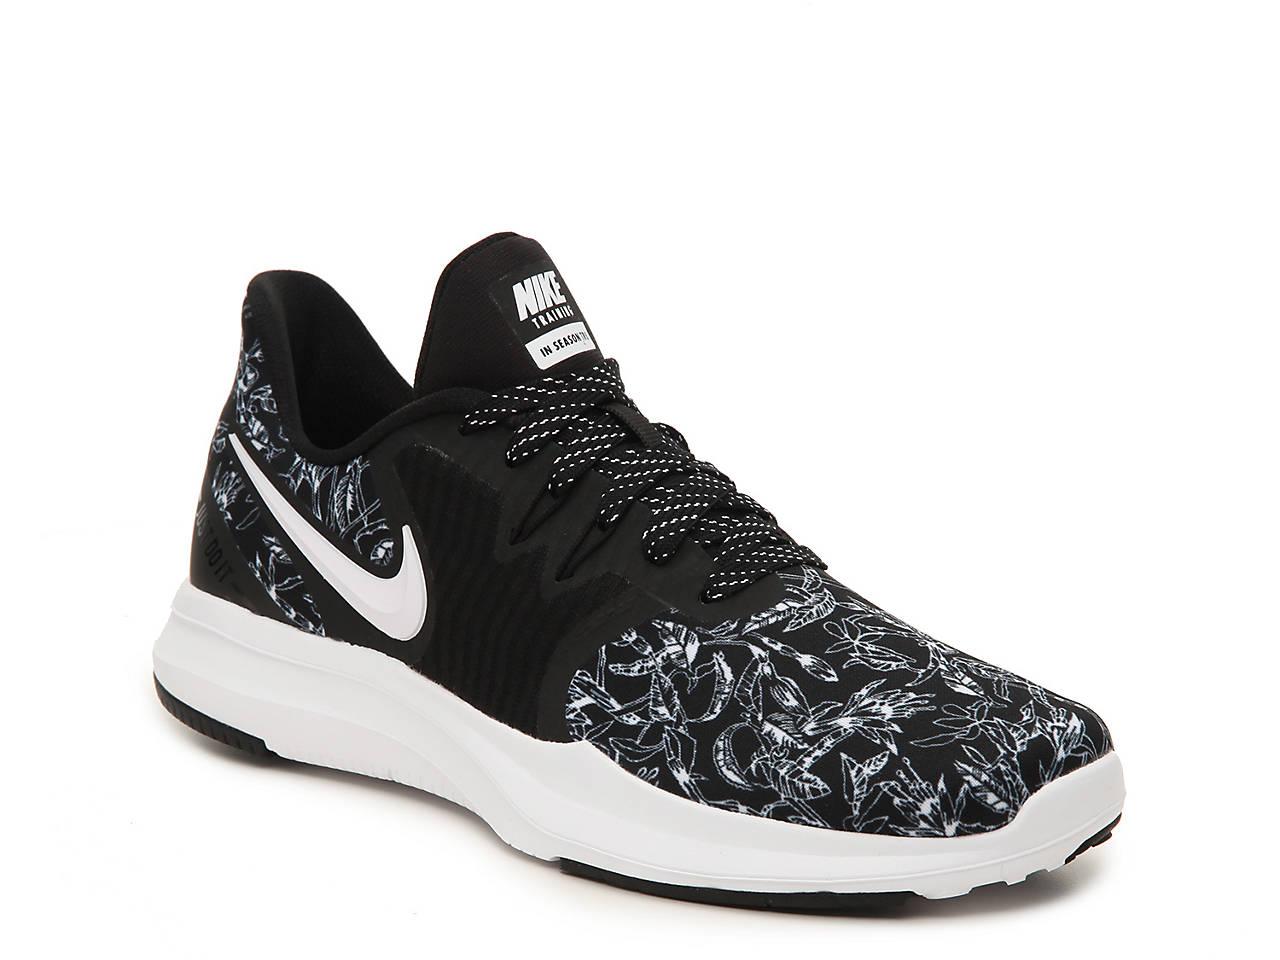 07043239c590d Nike In Season TR 8 Lightweight Training Shoe - Women s Women s ...